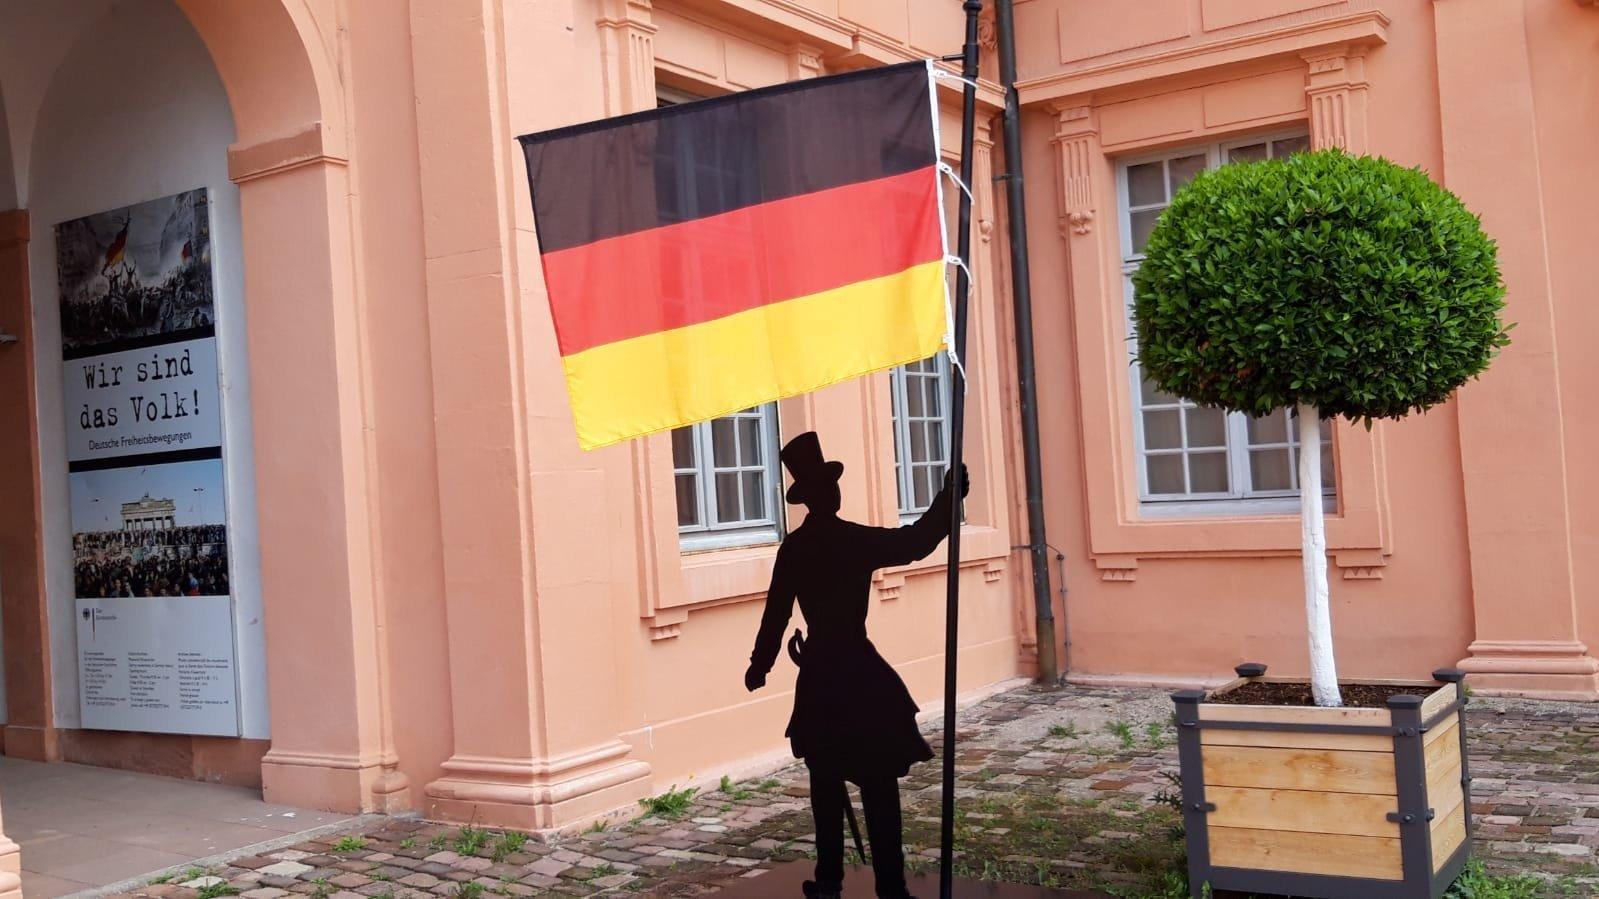 Ein Museums-Hinweis-Männchen mit Deutschlandflagge vor dem rostroten Sansteingebäude.